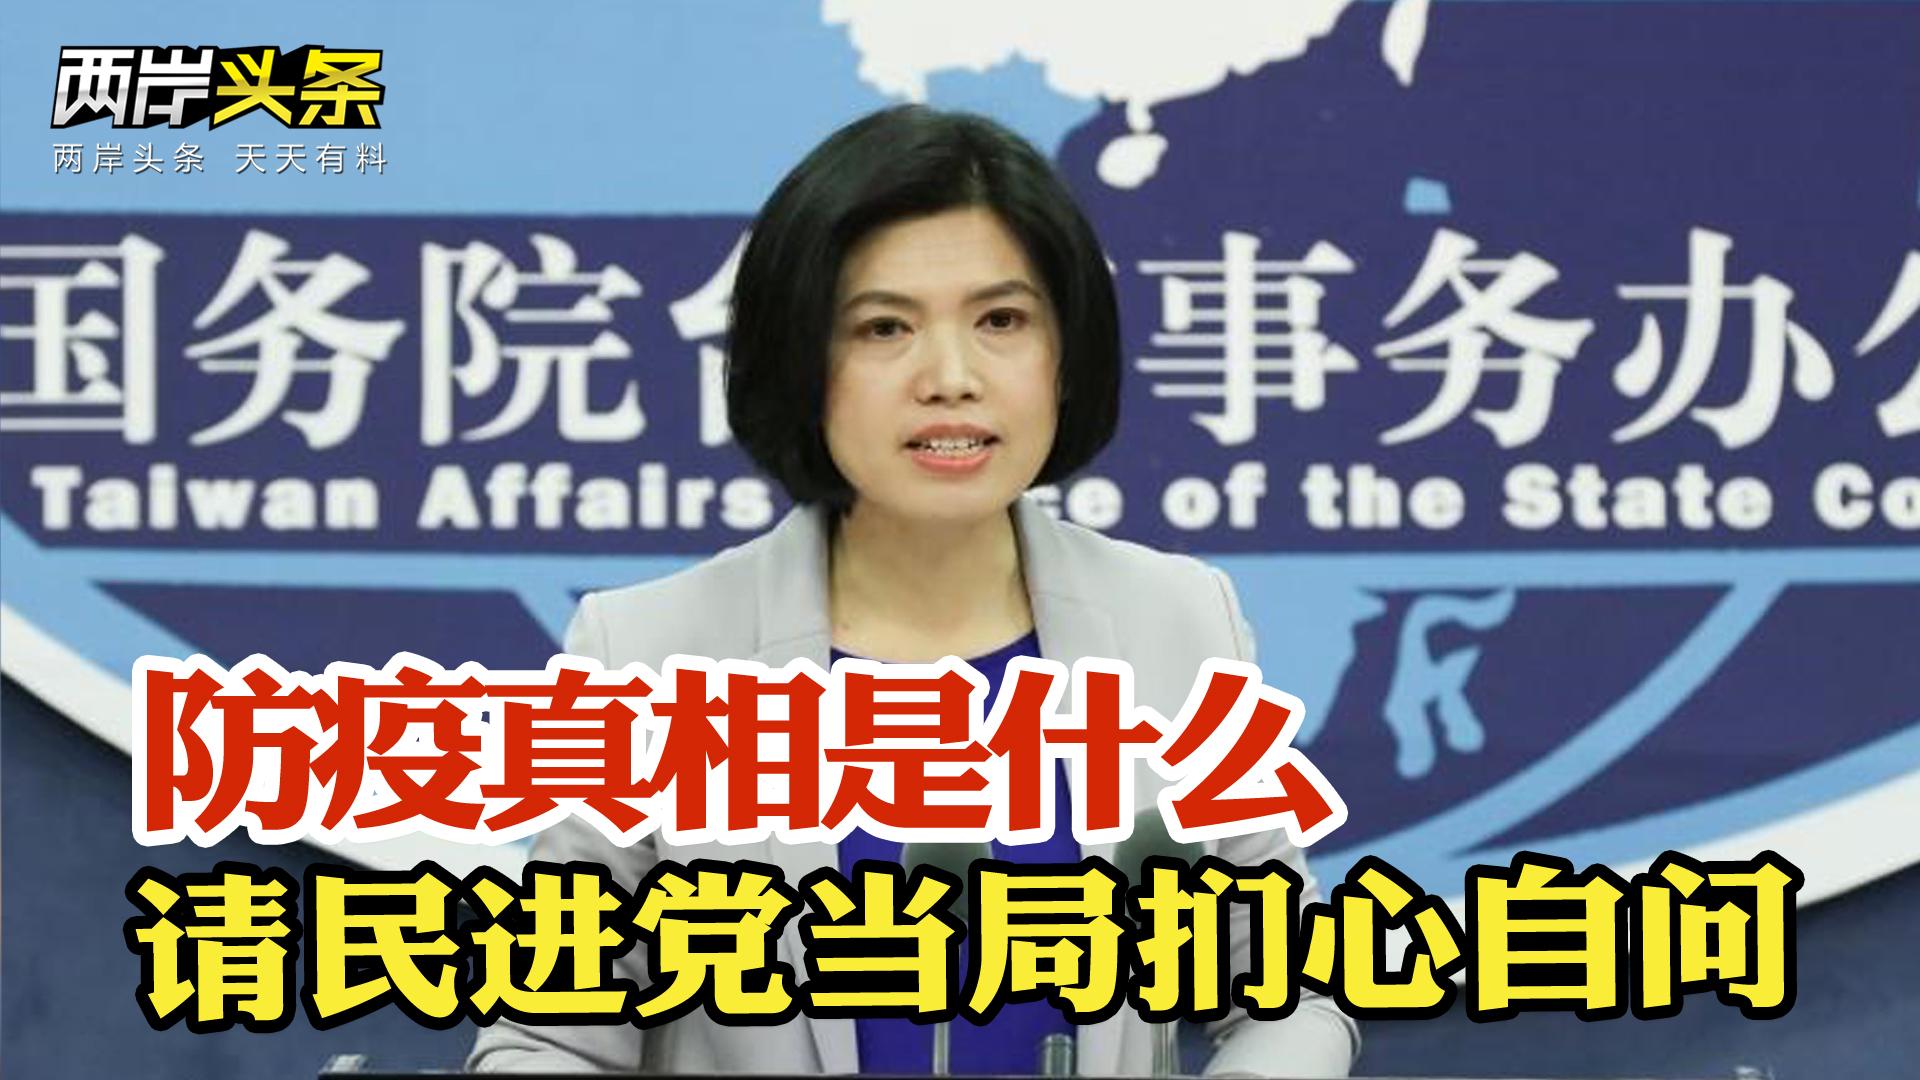 持續造謠污蔑大陸 國臺辦五問民進黨當局防疫真相圖片